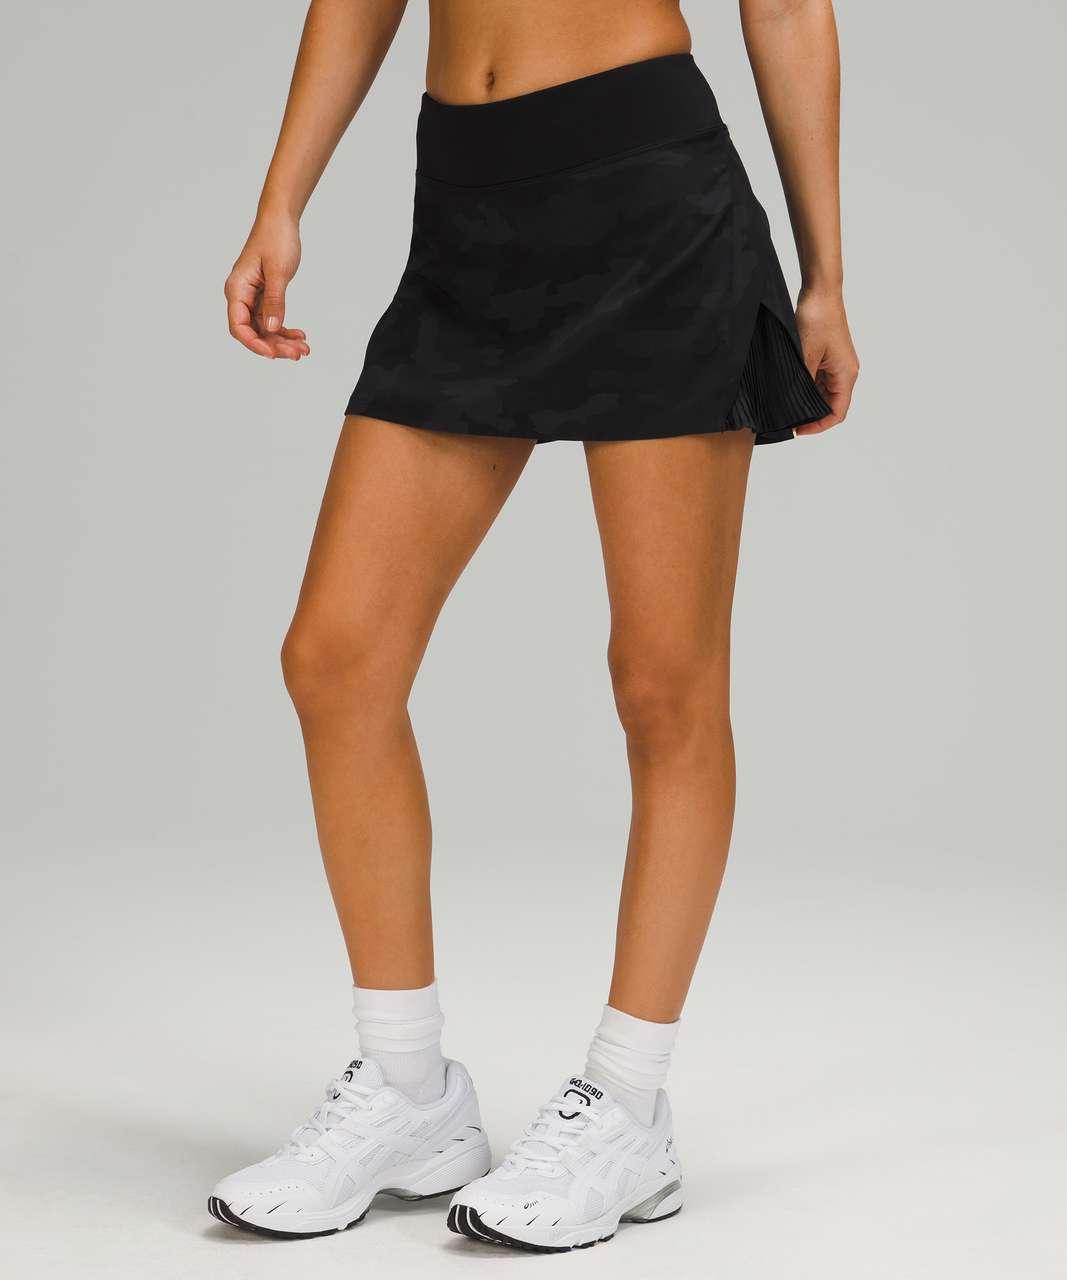 Lululemon Play Off The Pleats Mid Rise Skirt - Heritage 365 Camo Deep Coal Multi / Black